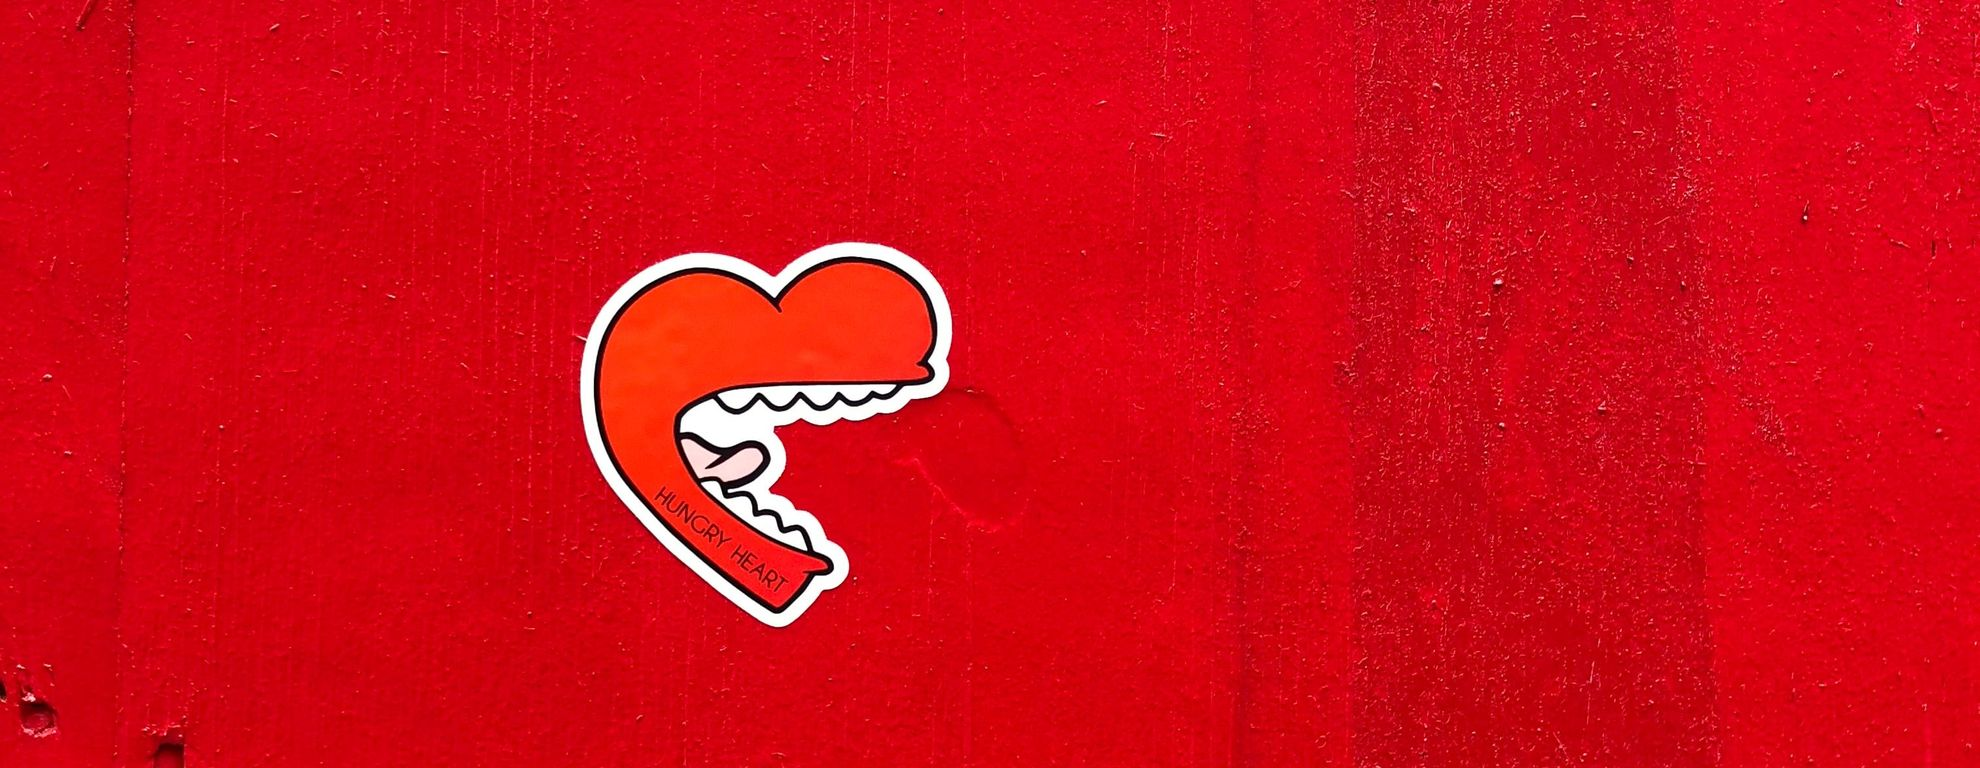 VPH en la garganta: causas, riesgos y tratamiento - Featured image